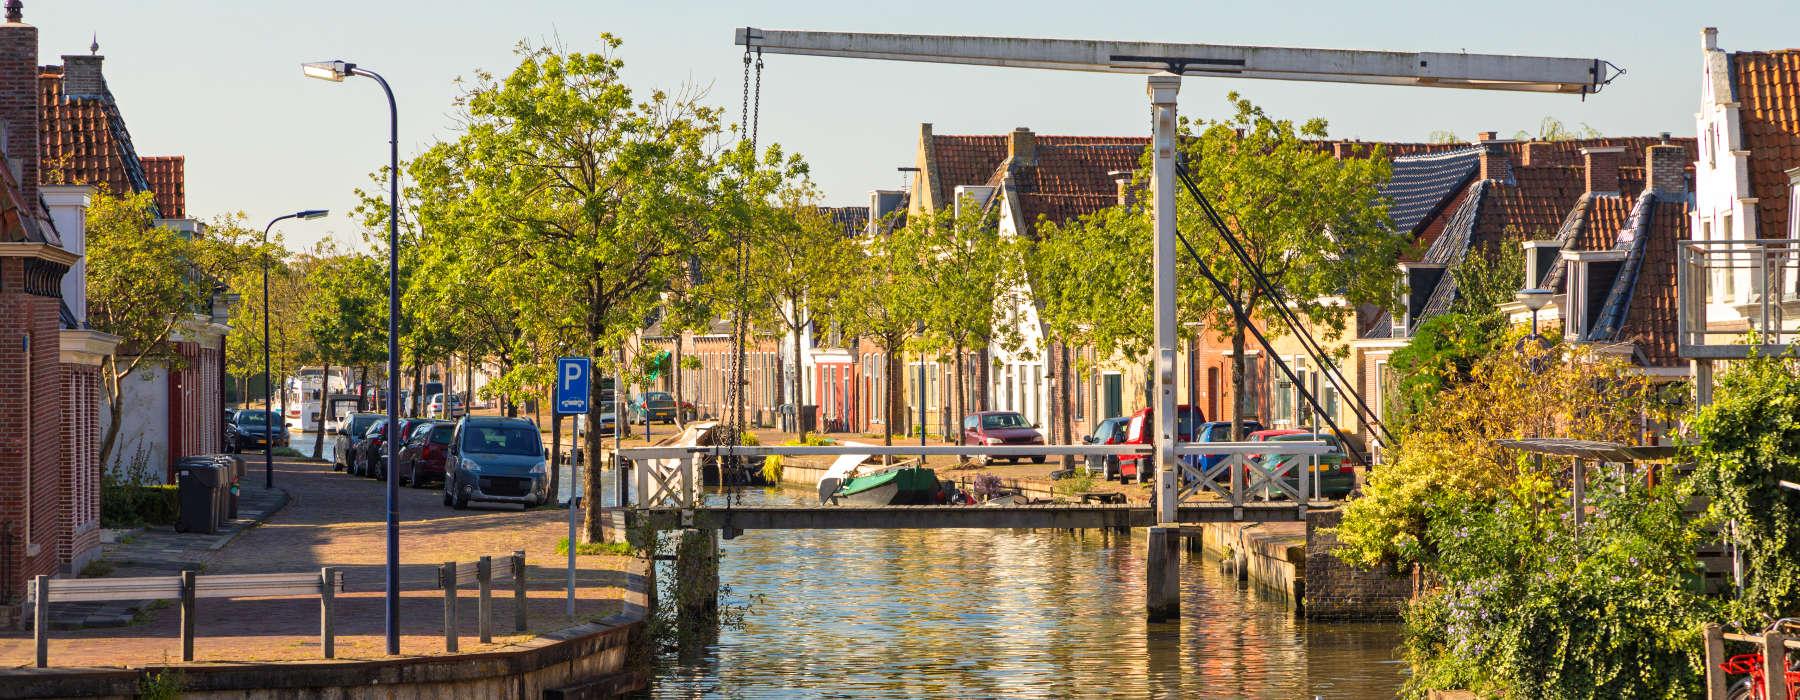 Nijs Gemeente Waadhoeke - Binnensted